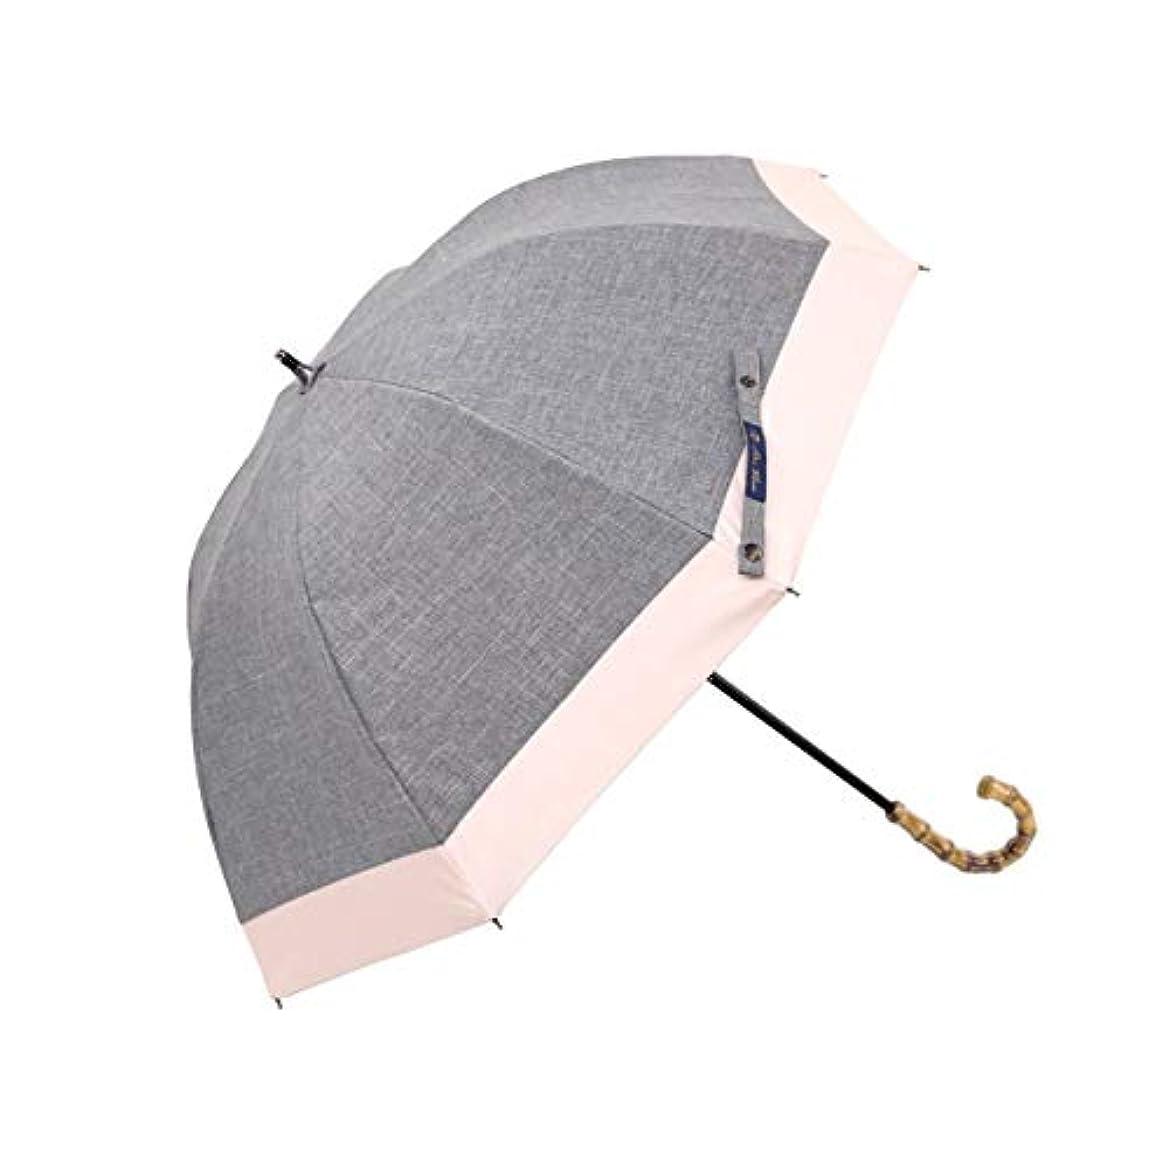 なめるファランクススマイル【Rose Blanc】100%完全遮光 日傘 晴雨兼用 コンビ ショートサイズ ダンガリー 50cm (ダンガリーグレー×ピンク)